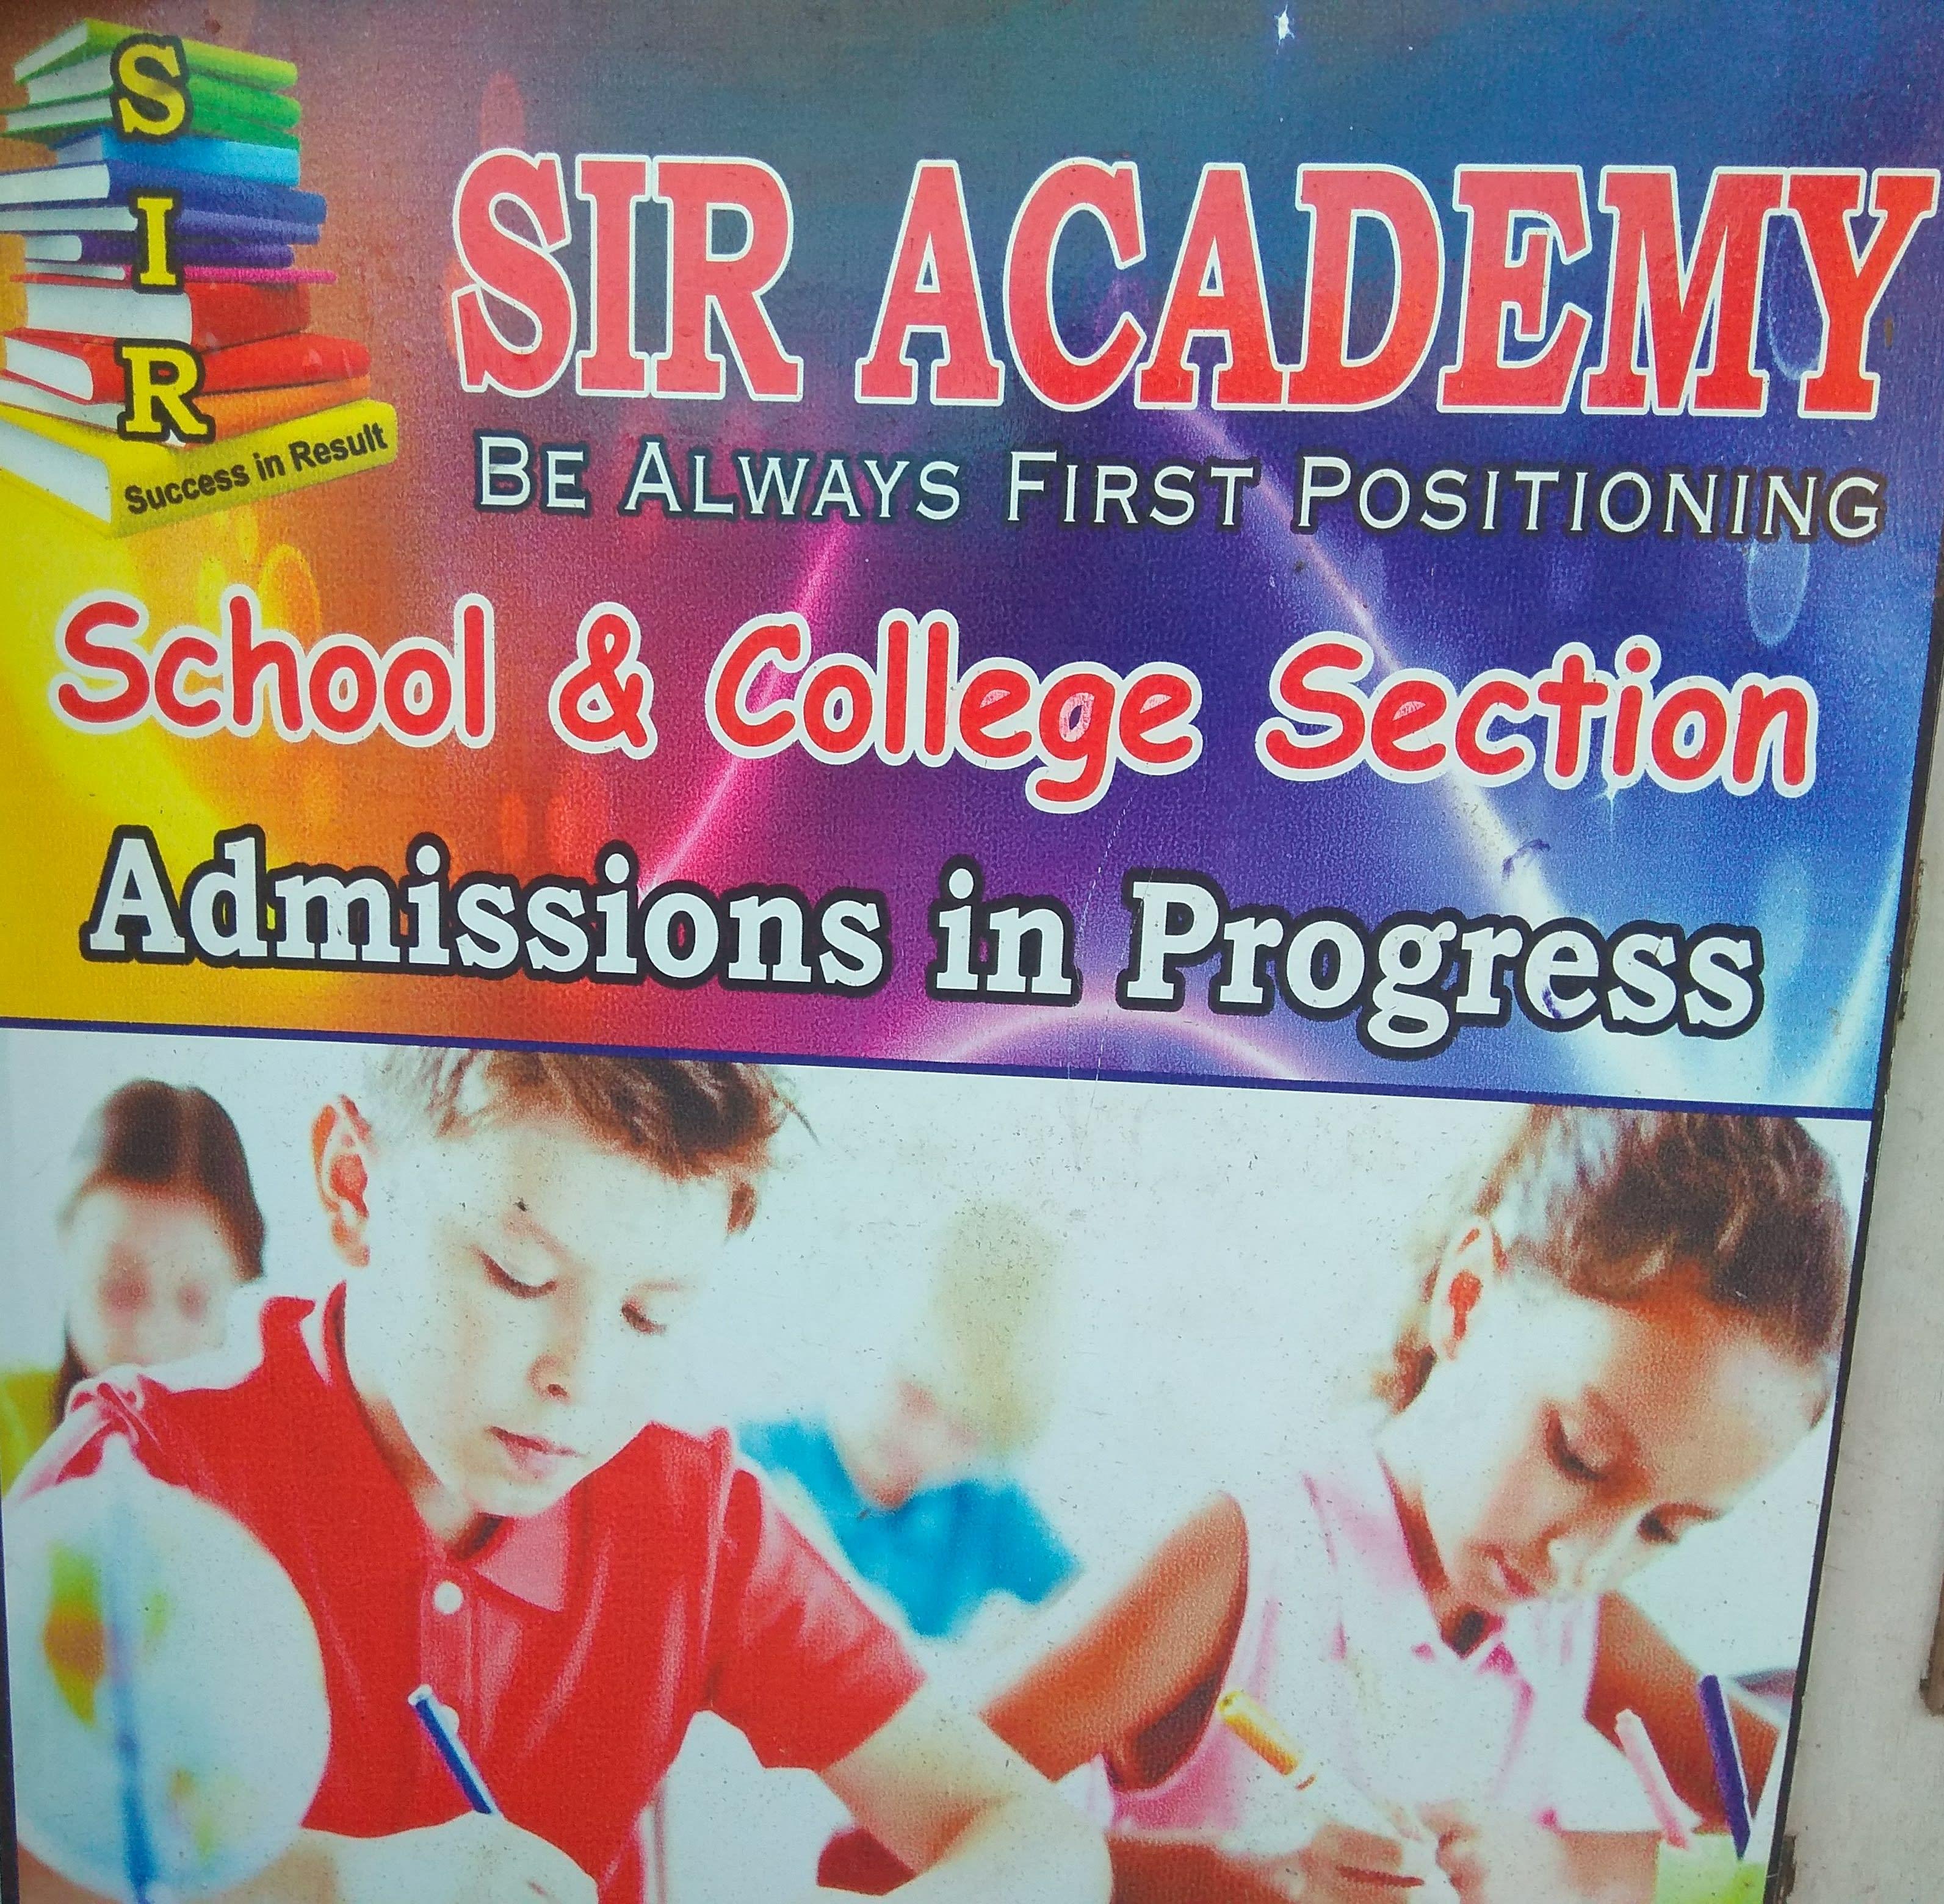 S.I. R. Academy